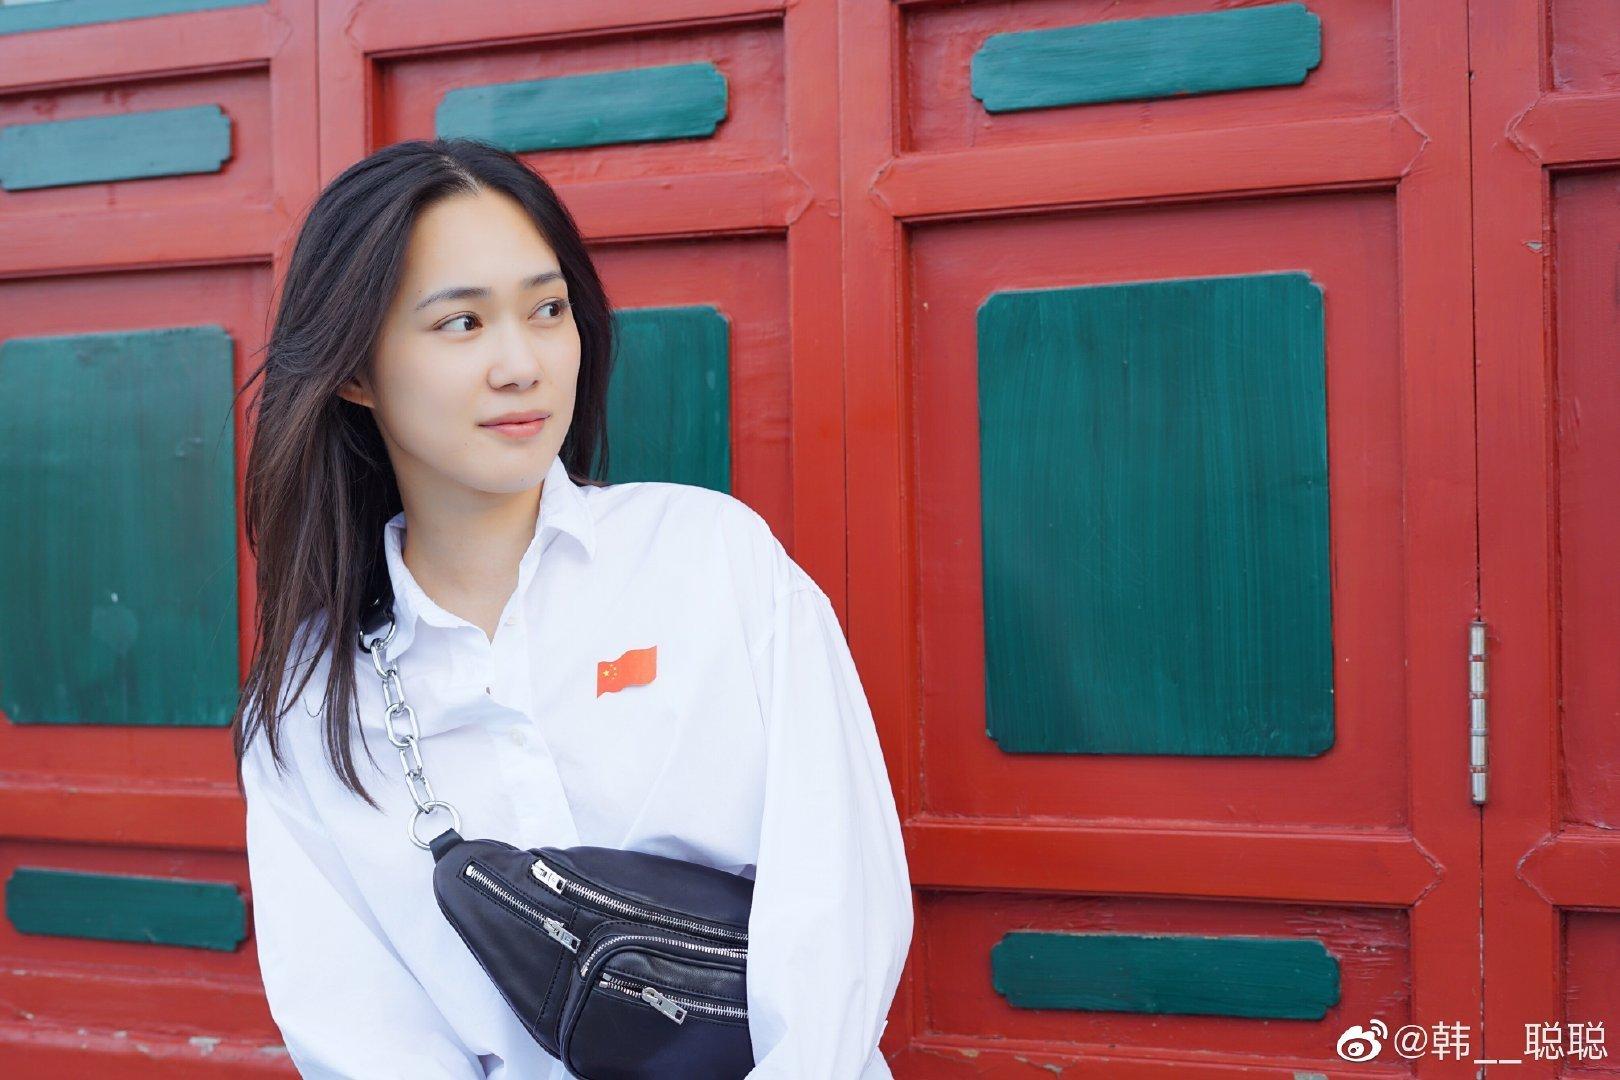 学校:上海体育学院 专业:电影专业 研究生 星座:巨蟹座